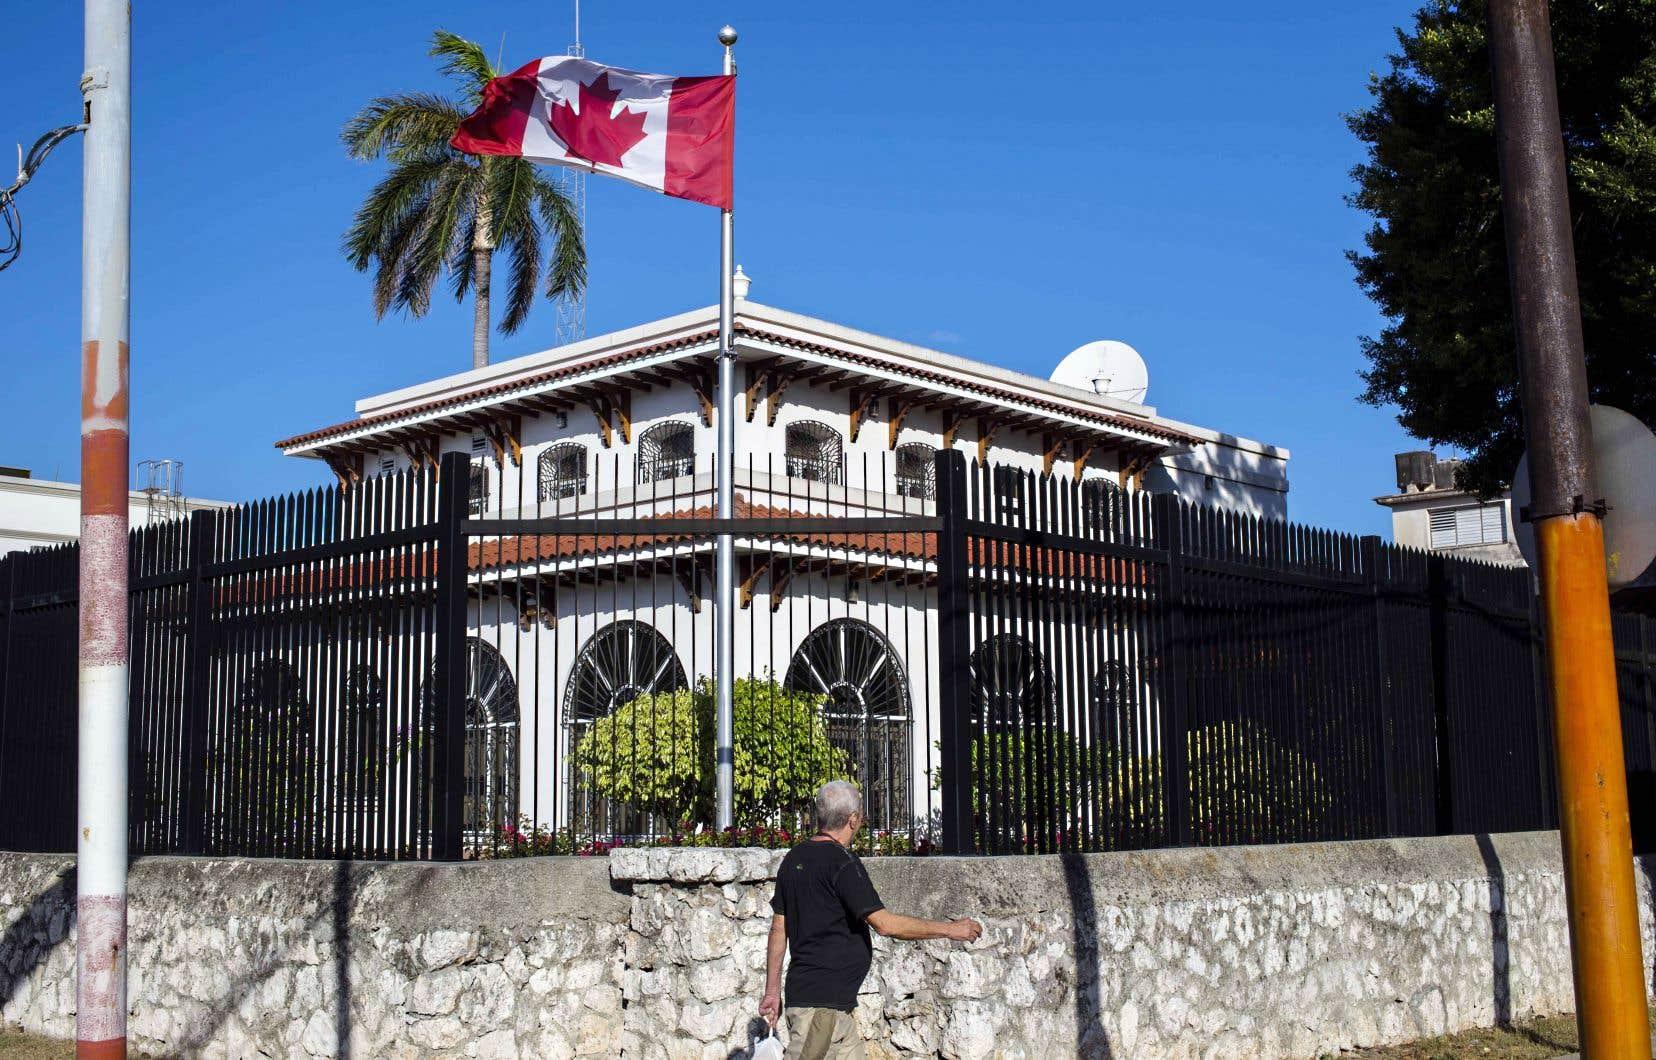 Pas moins de 14 Canadiens ont été affectés d'un mal étrange à la suite d'«attaques acoustiques» dont on ignore la source.